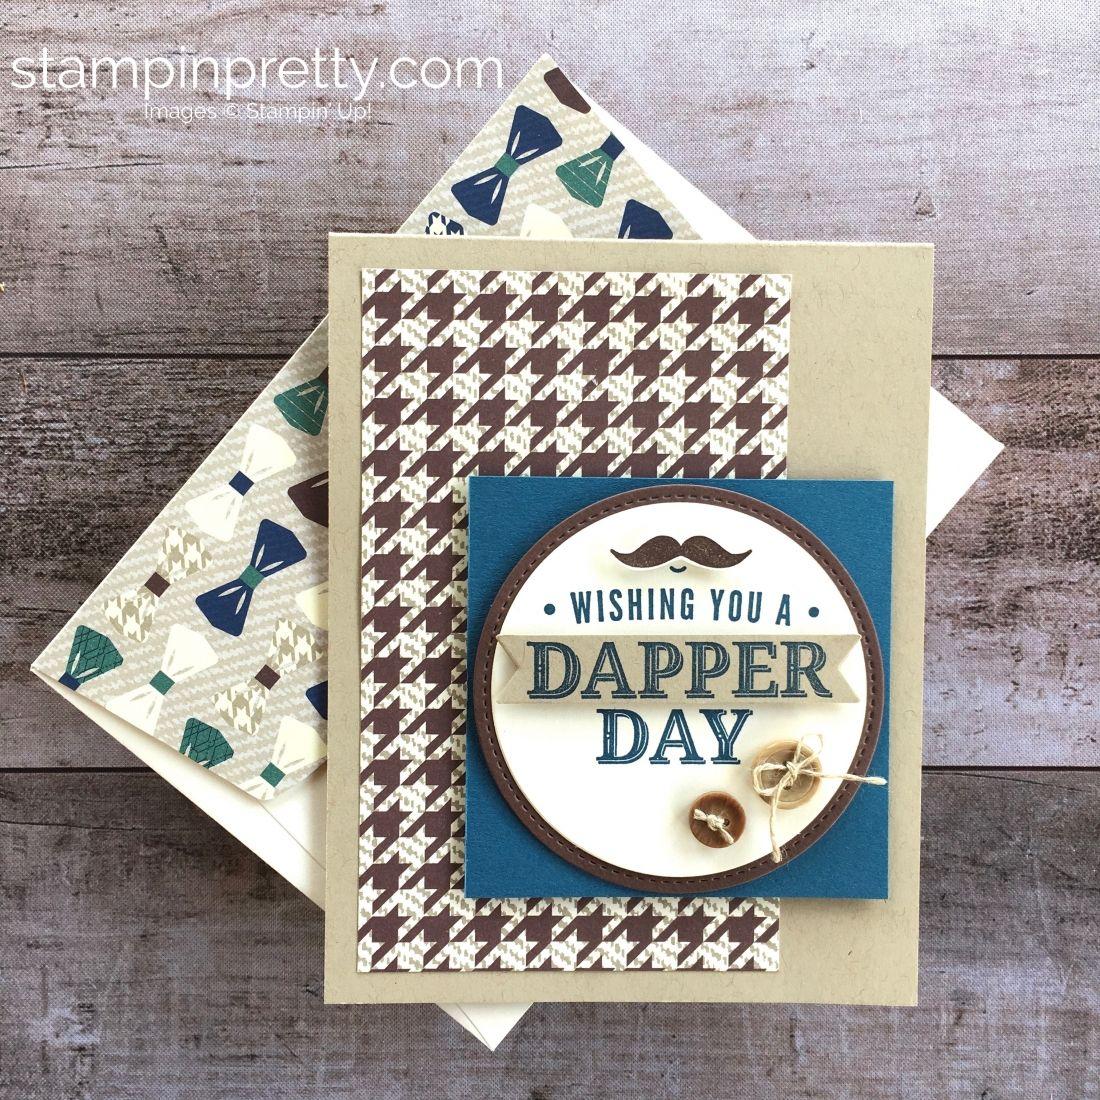 A Very Dapper Masculine Card Stampin Up Birthday Cards Masculine Cards Cards